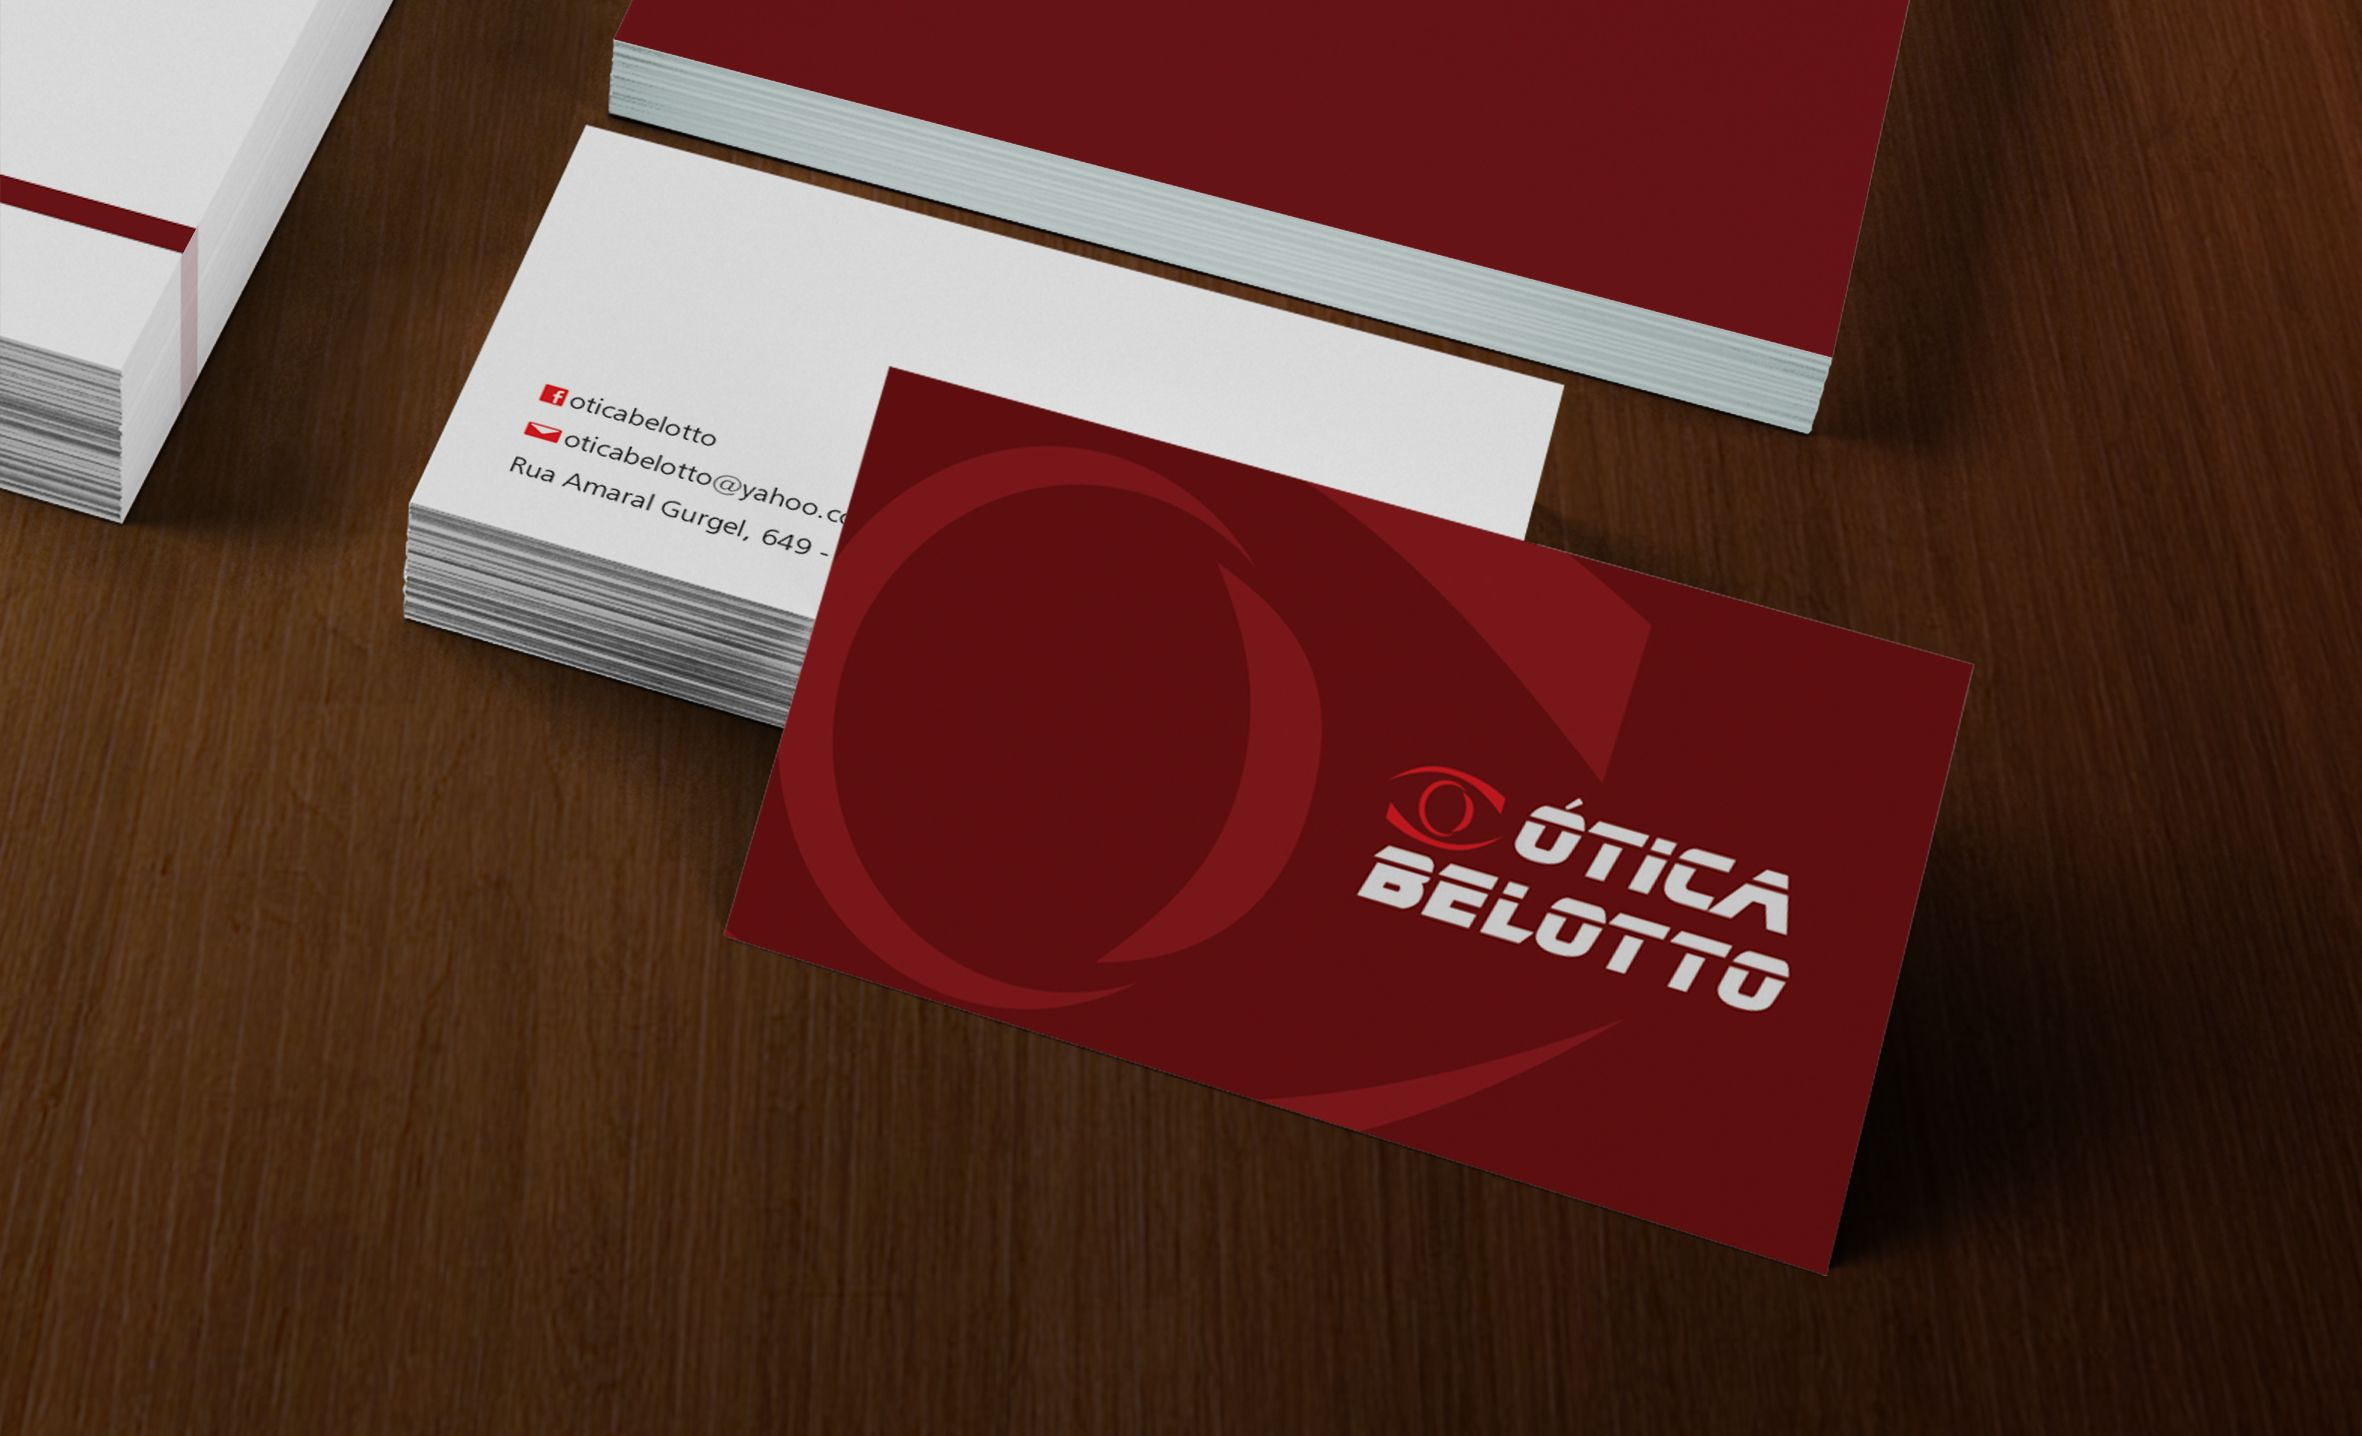 Cartão de Visita   Cliente  Ótica Belotto   Pinterest 8283393e42